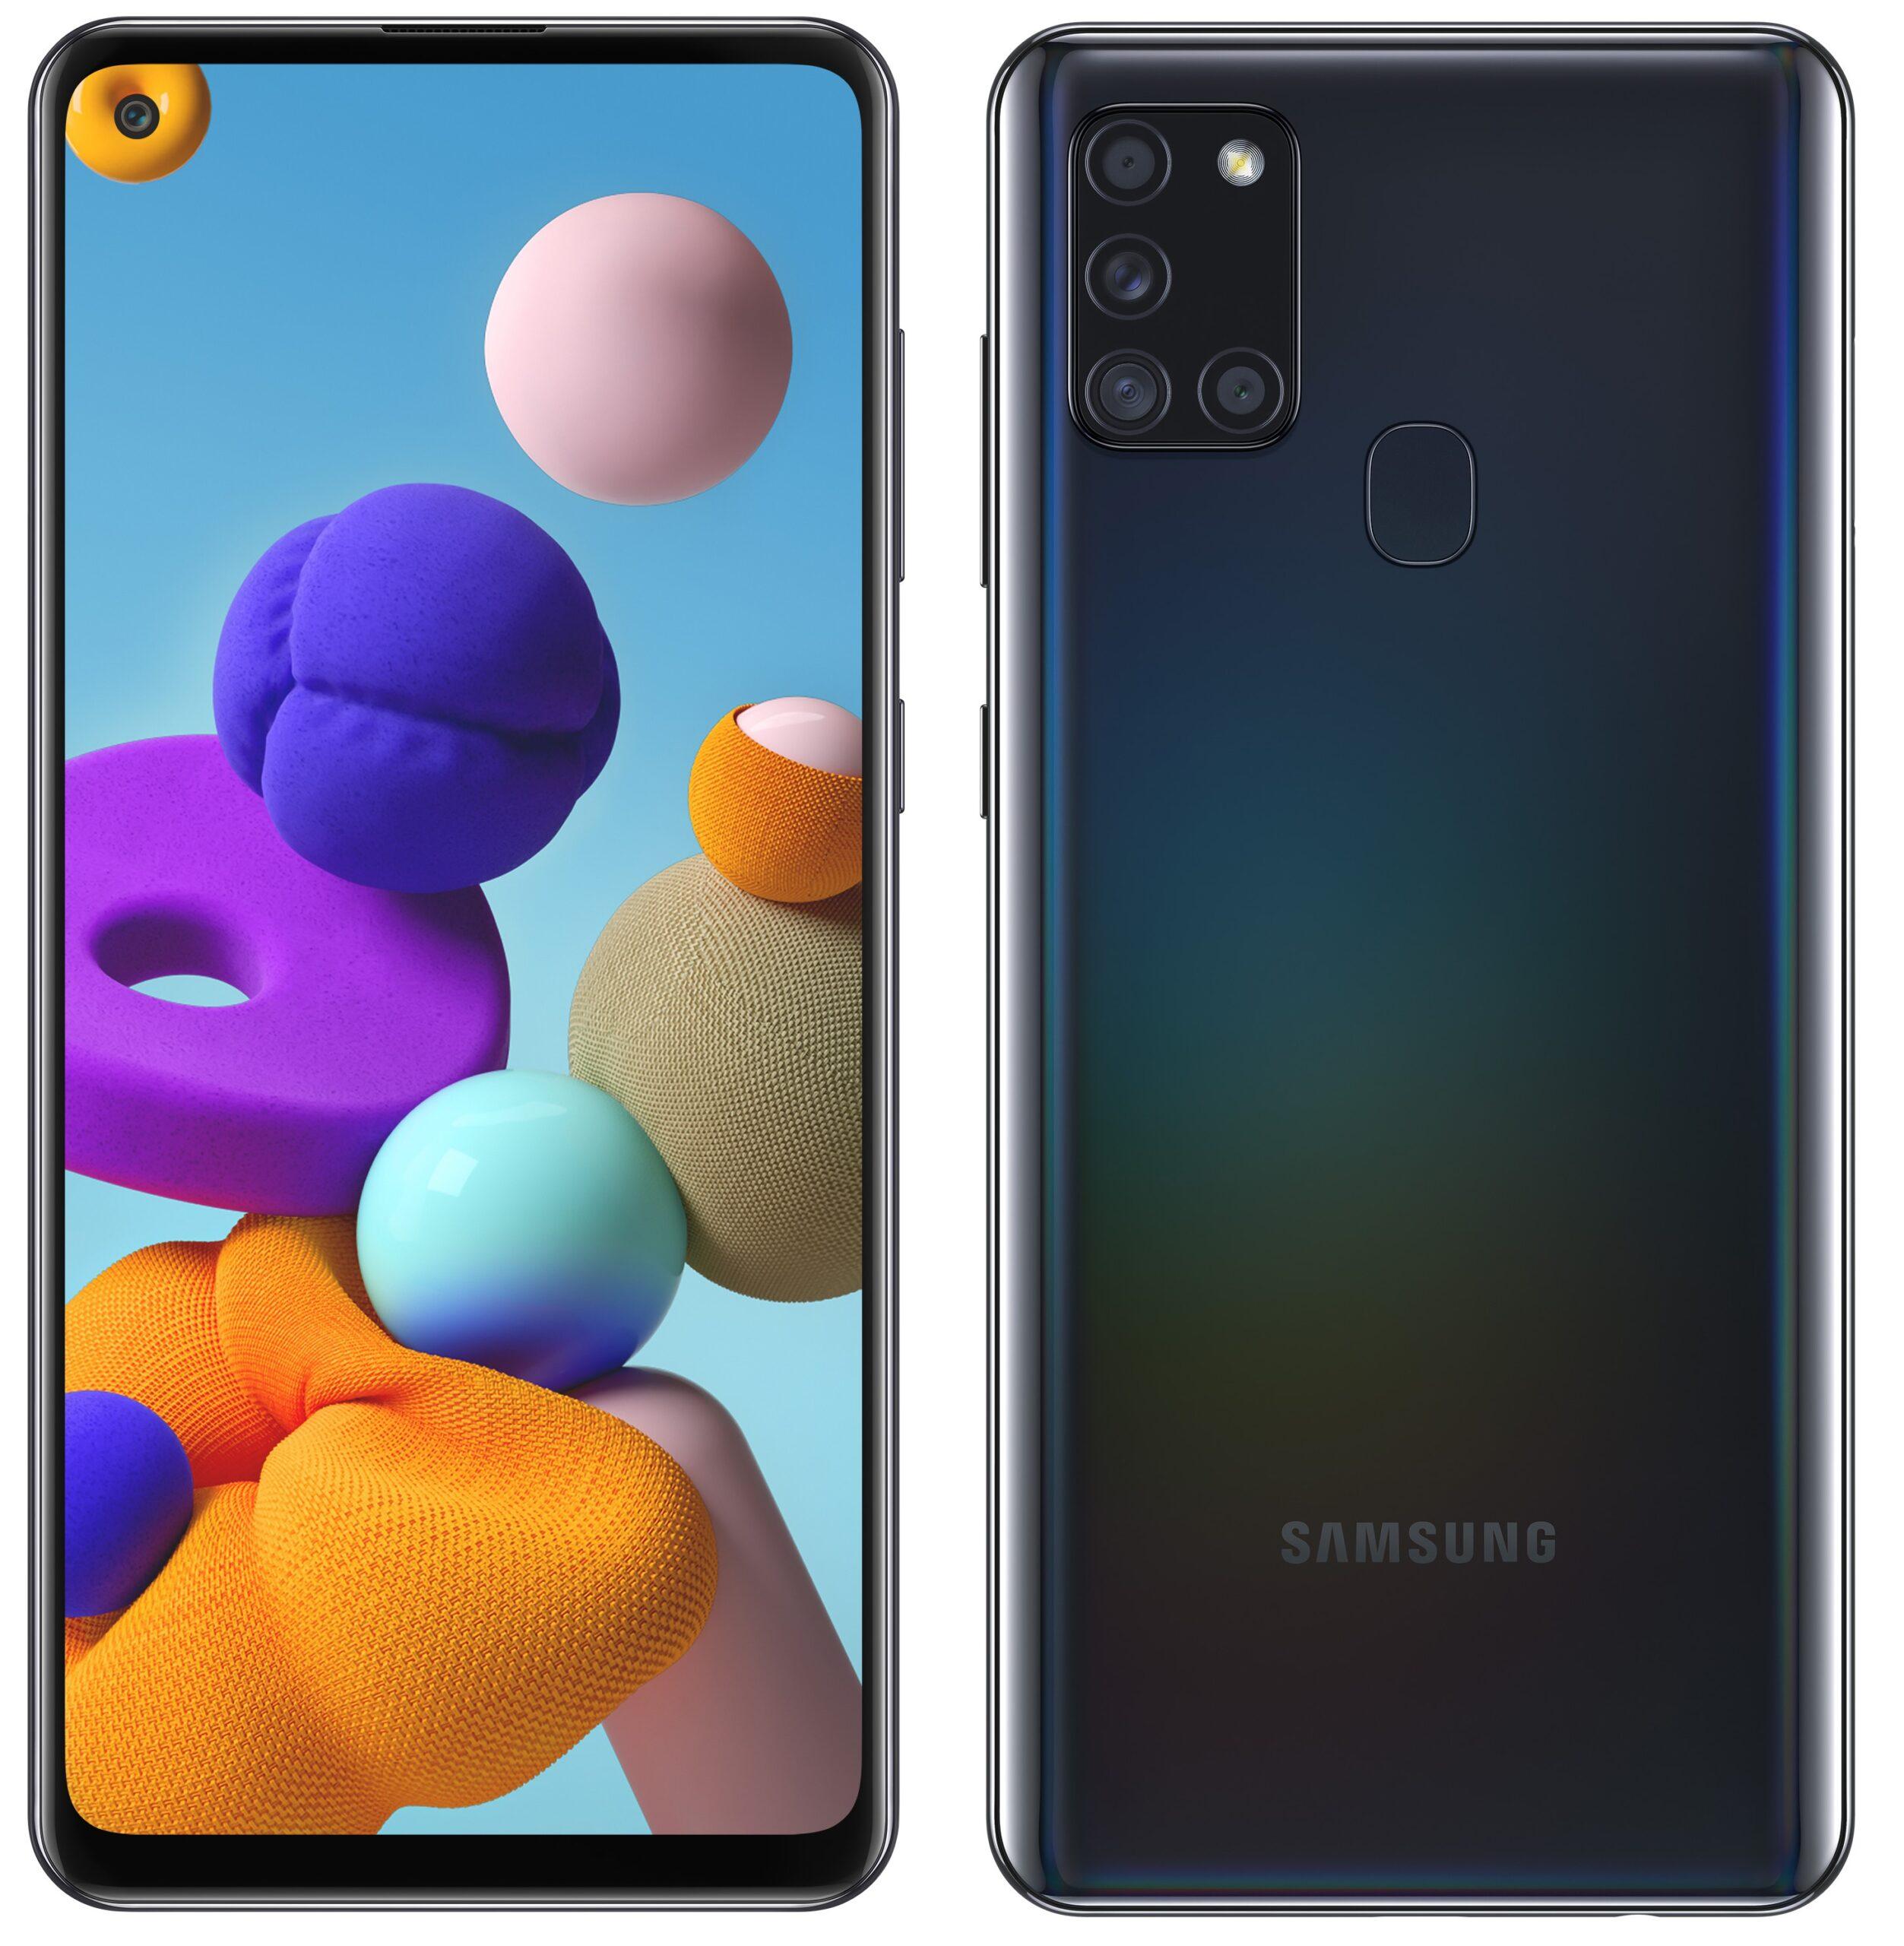 Samsung Galaxy A21s scaled